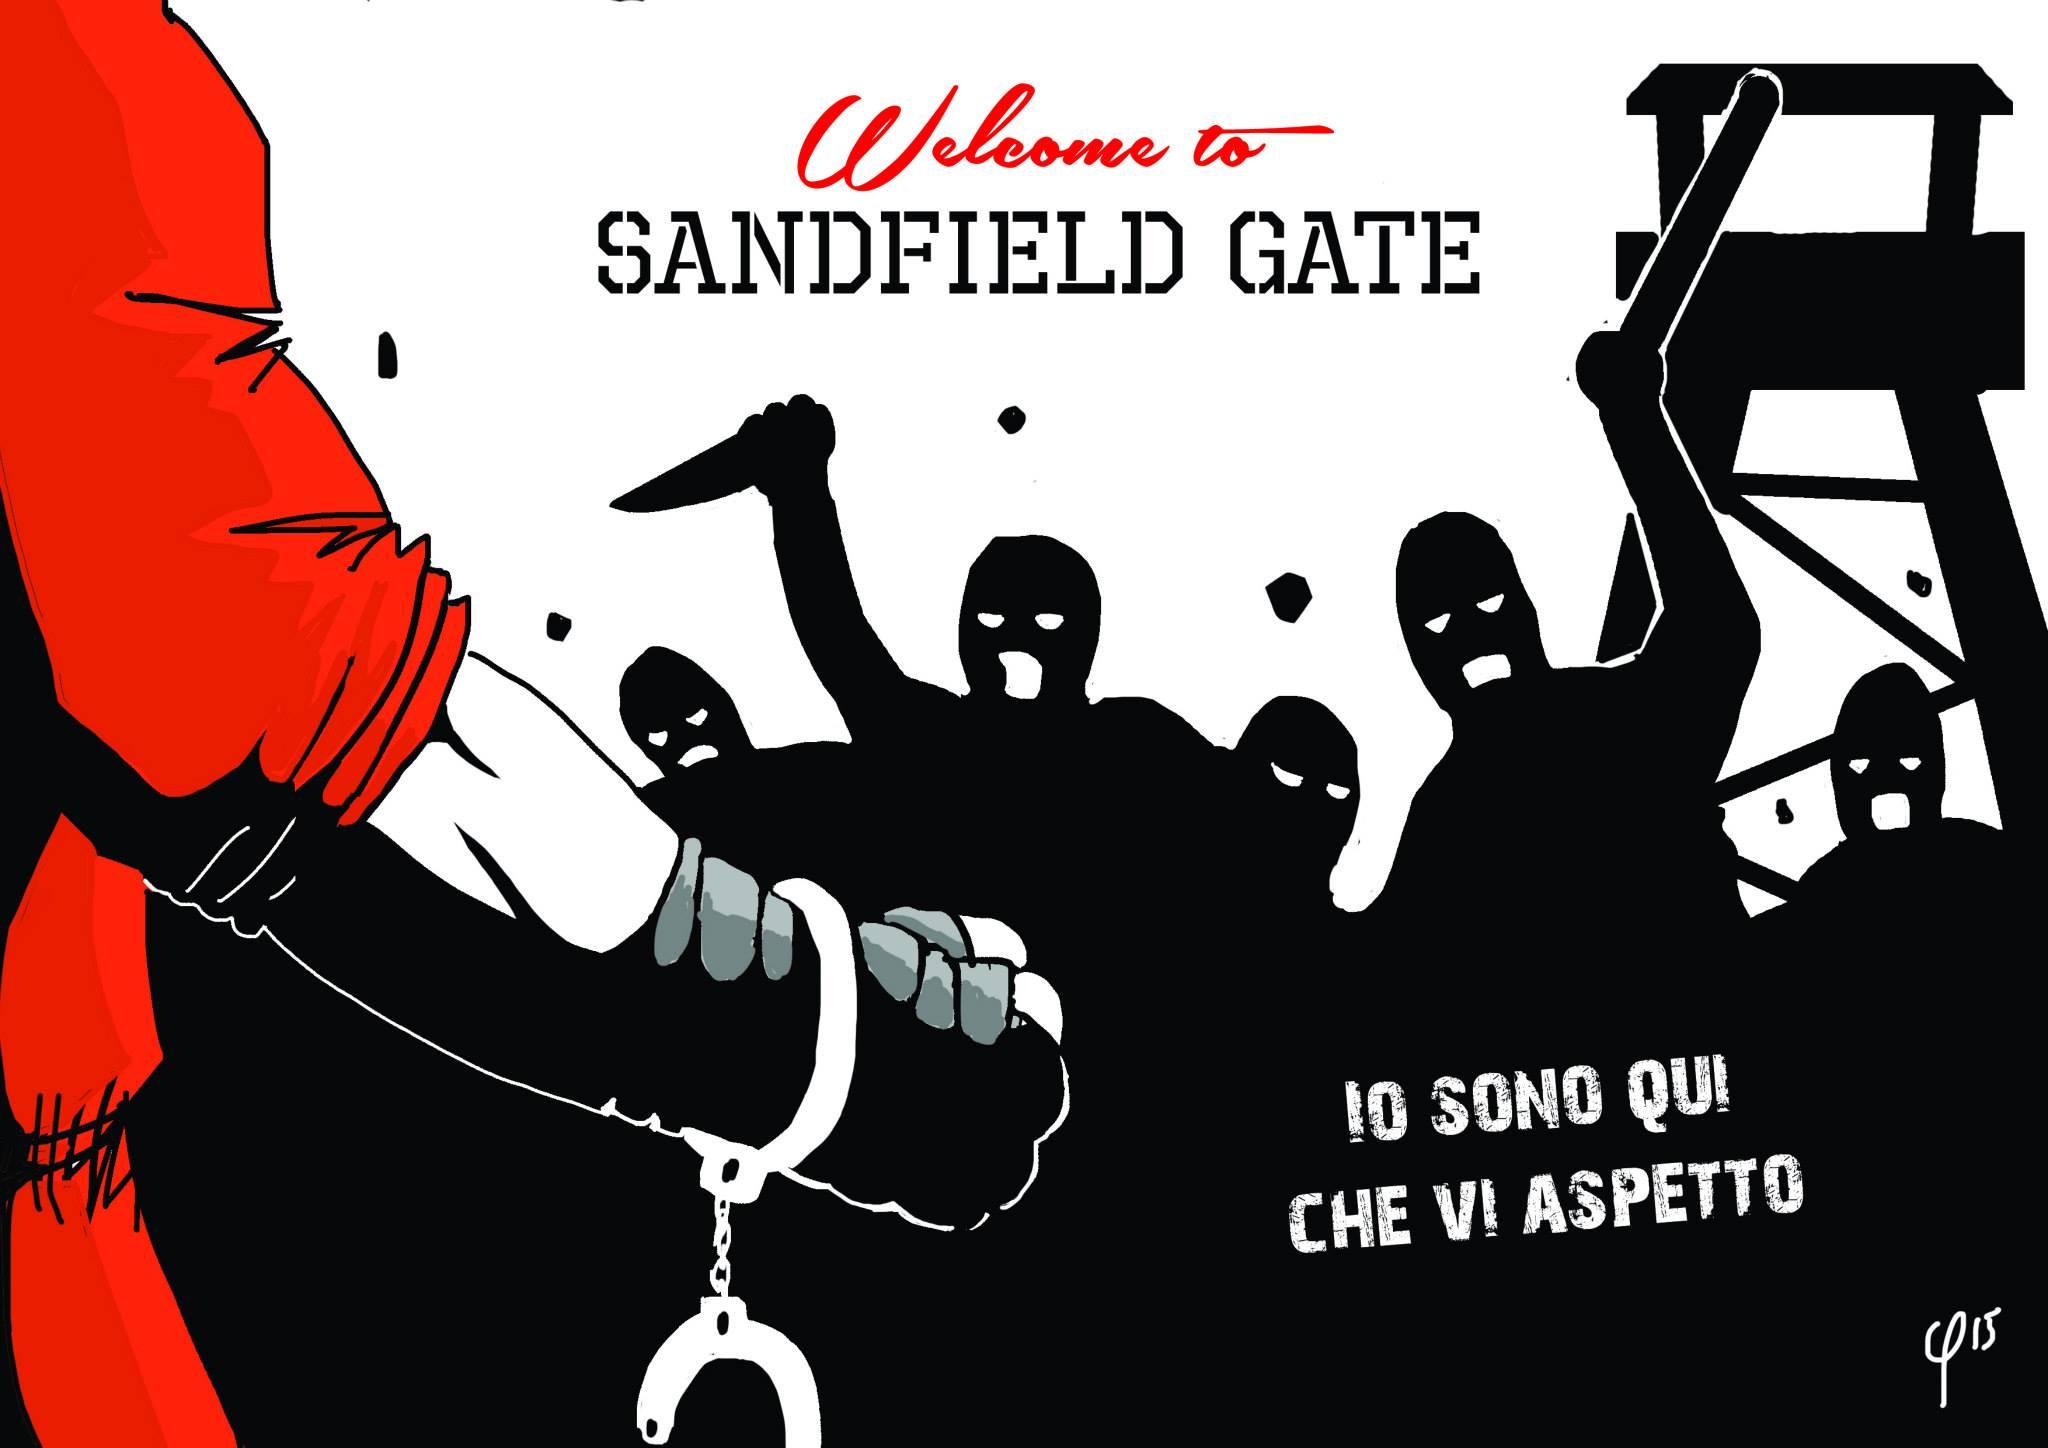 Musha_Shugyo_Sandfield_Gate